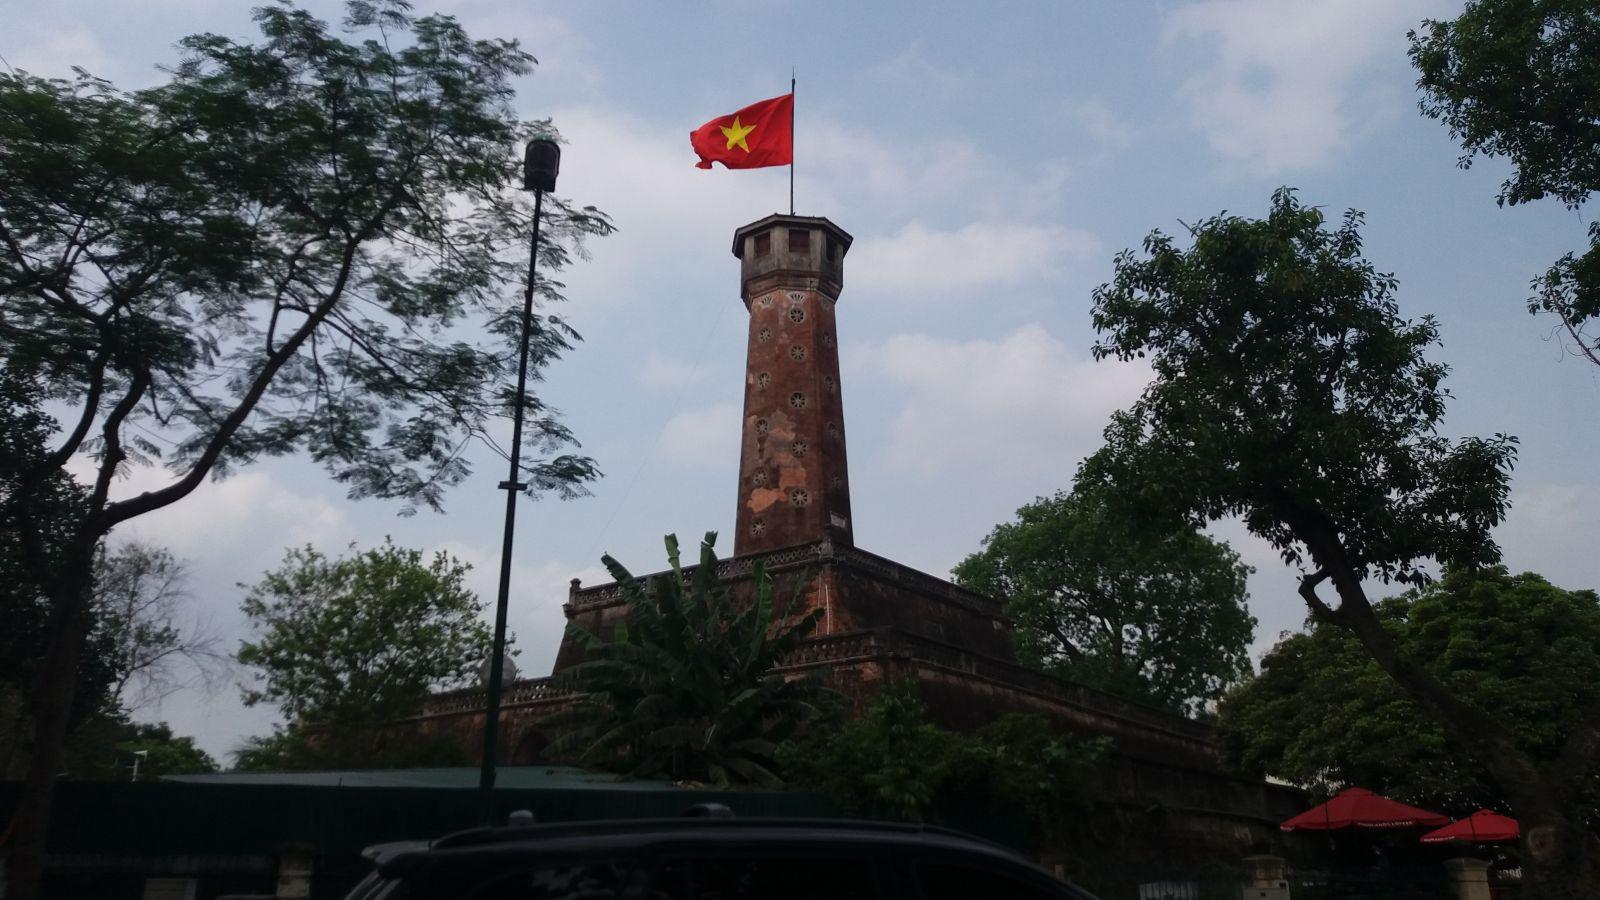 Hanoi day trip to flag tower